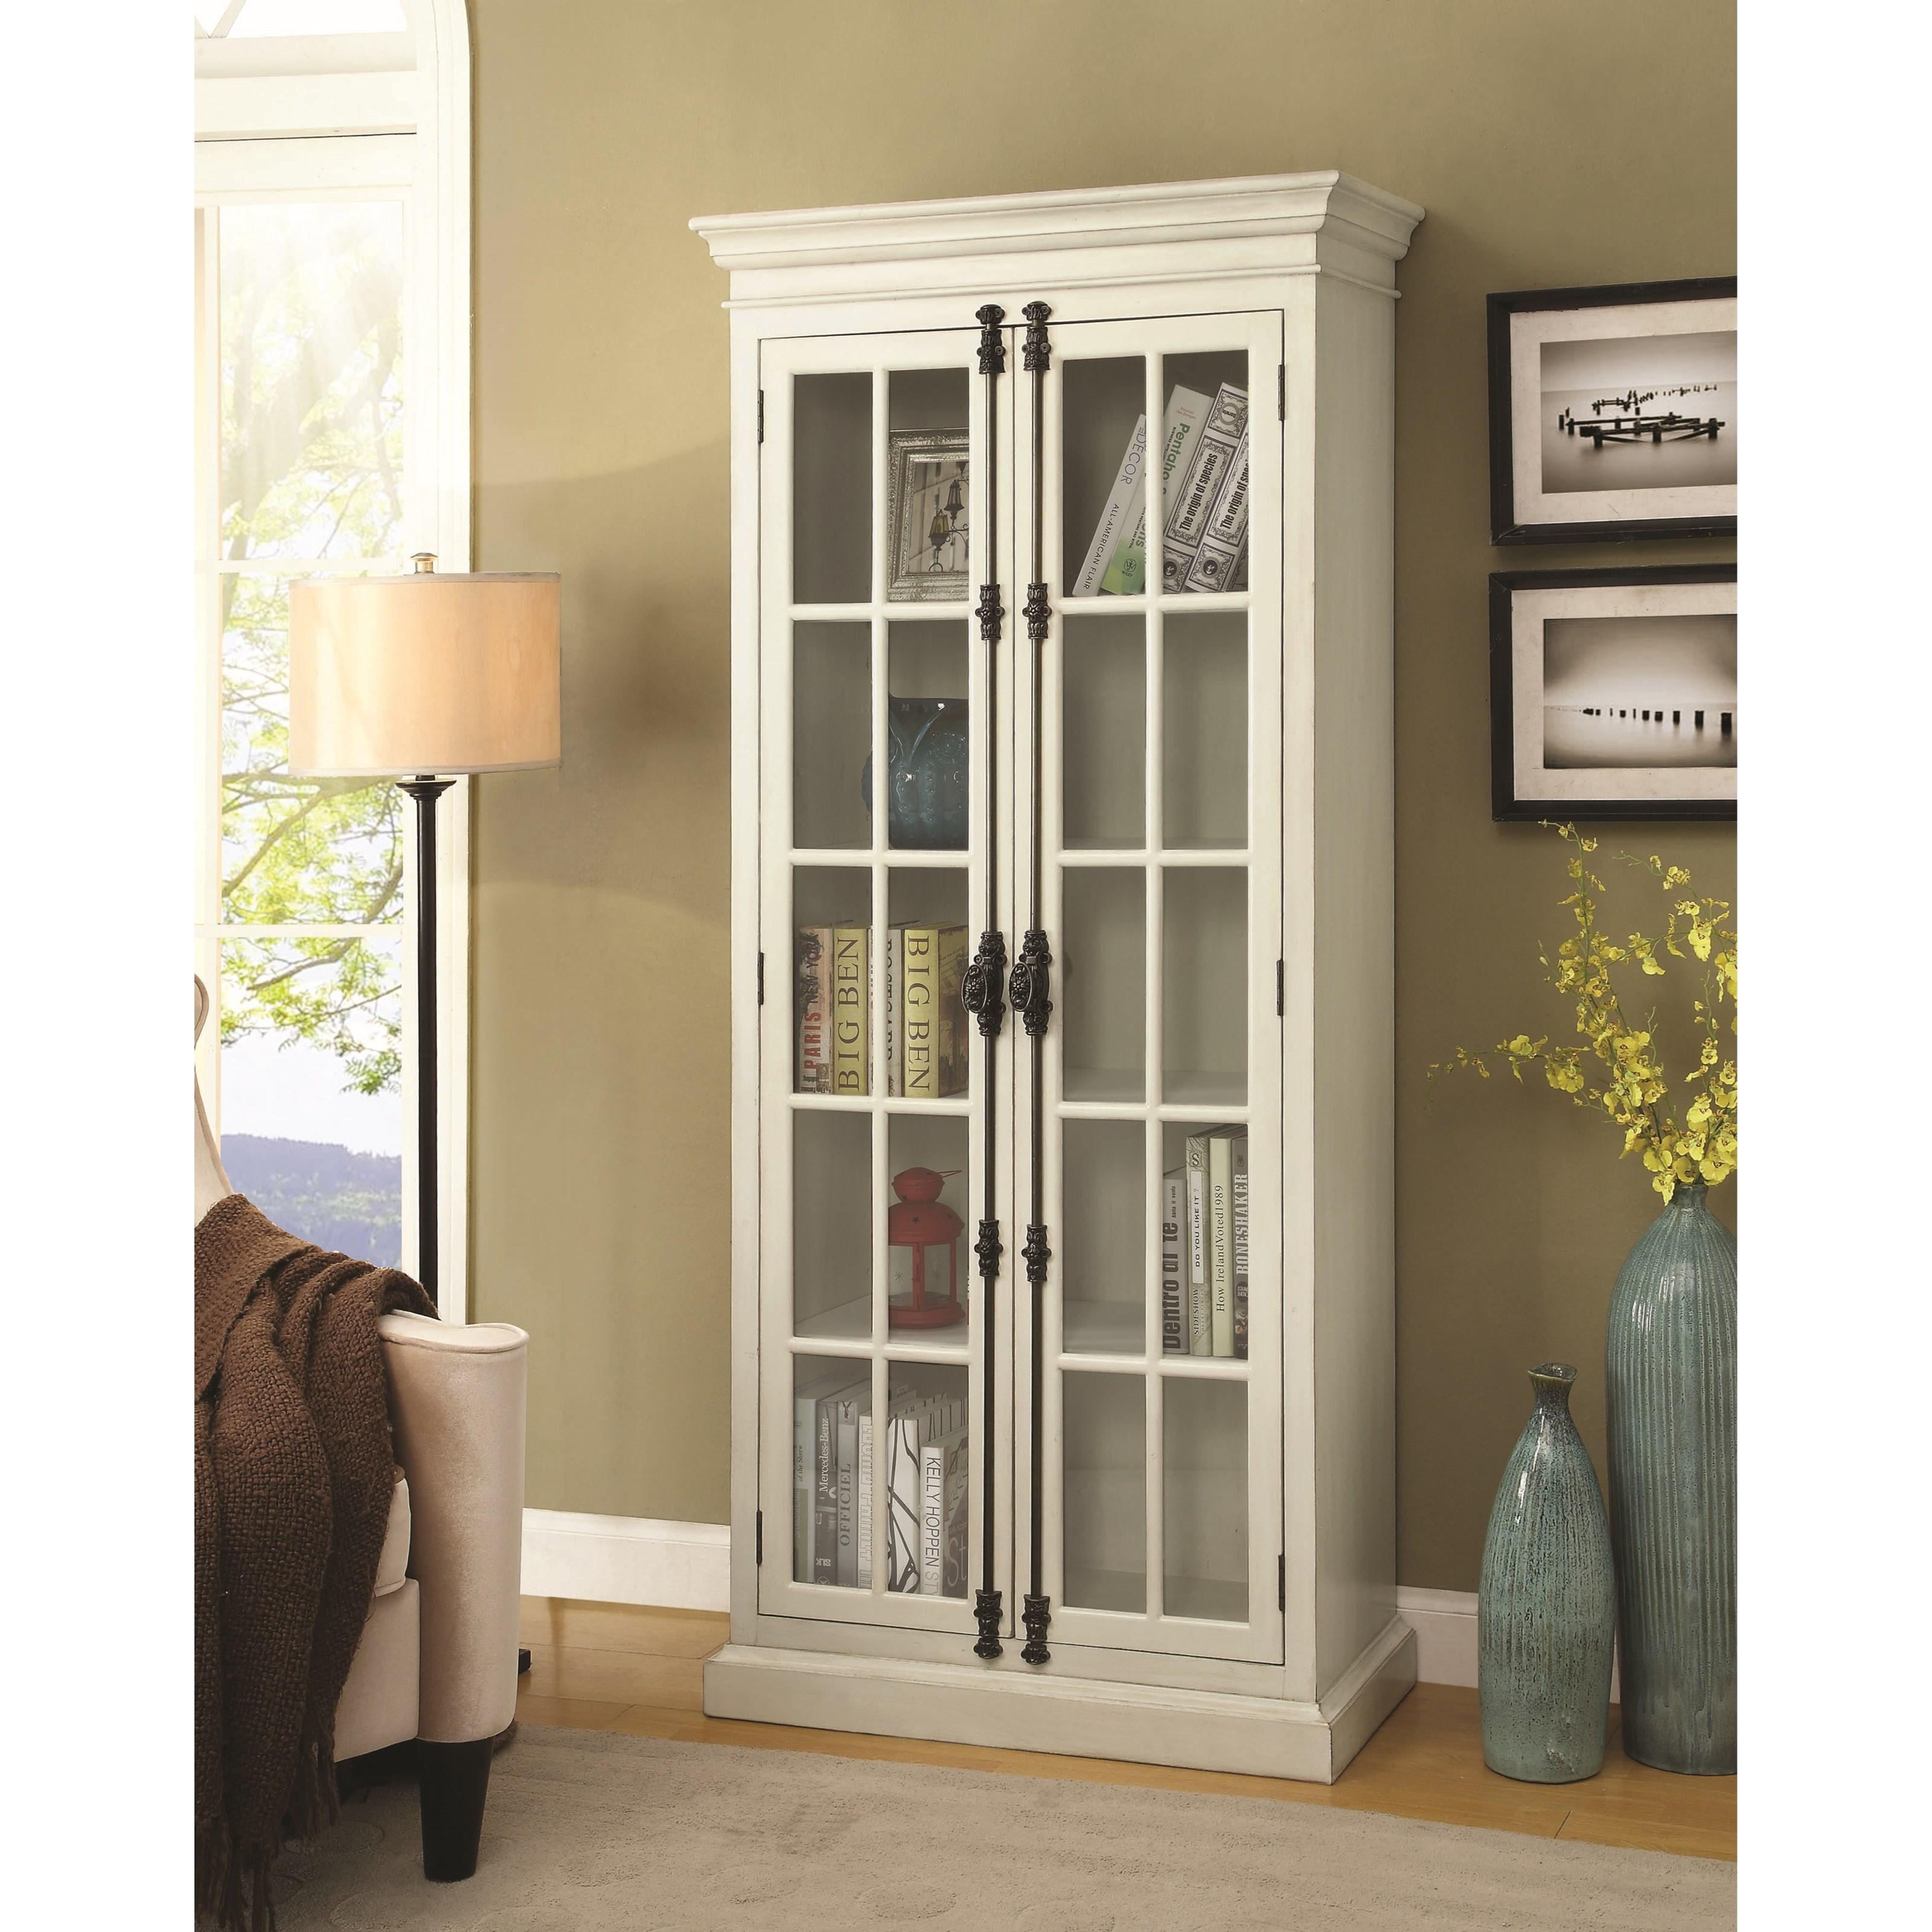 Coaster Curio Cabinets 910187 White Curio Cabinet  Dunk